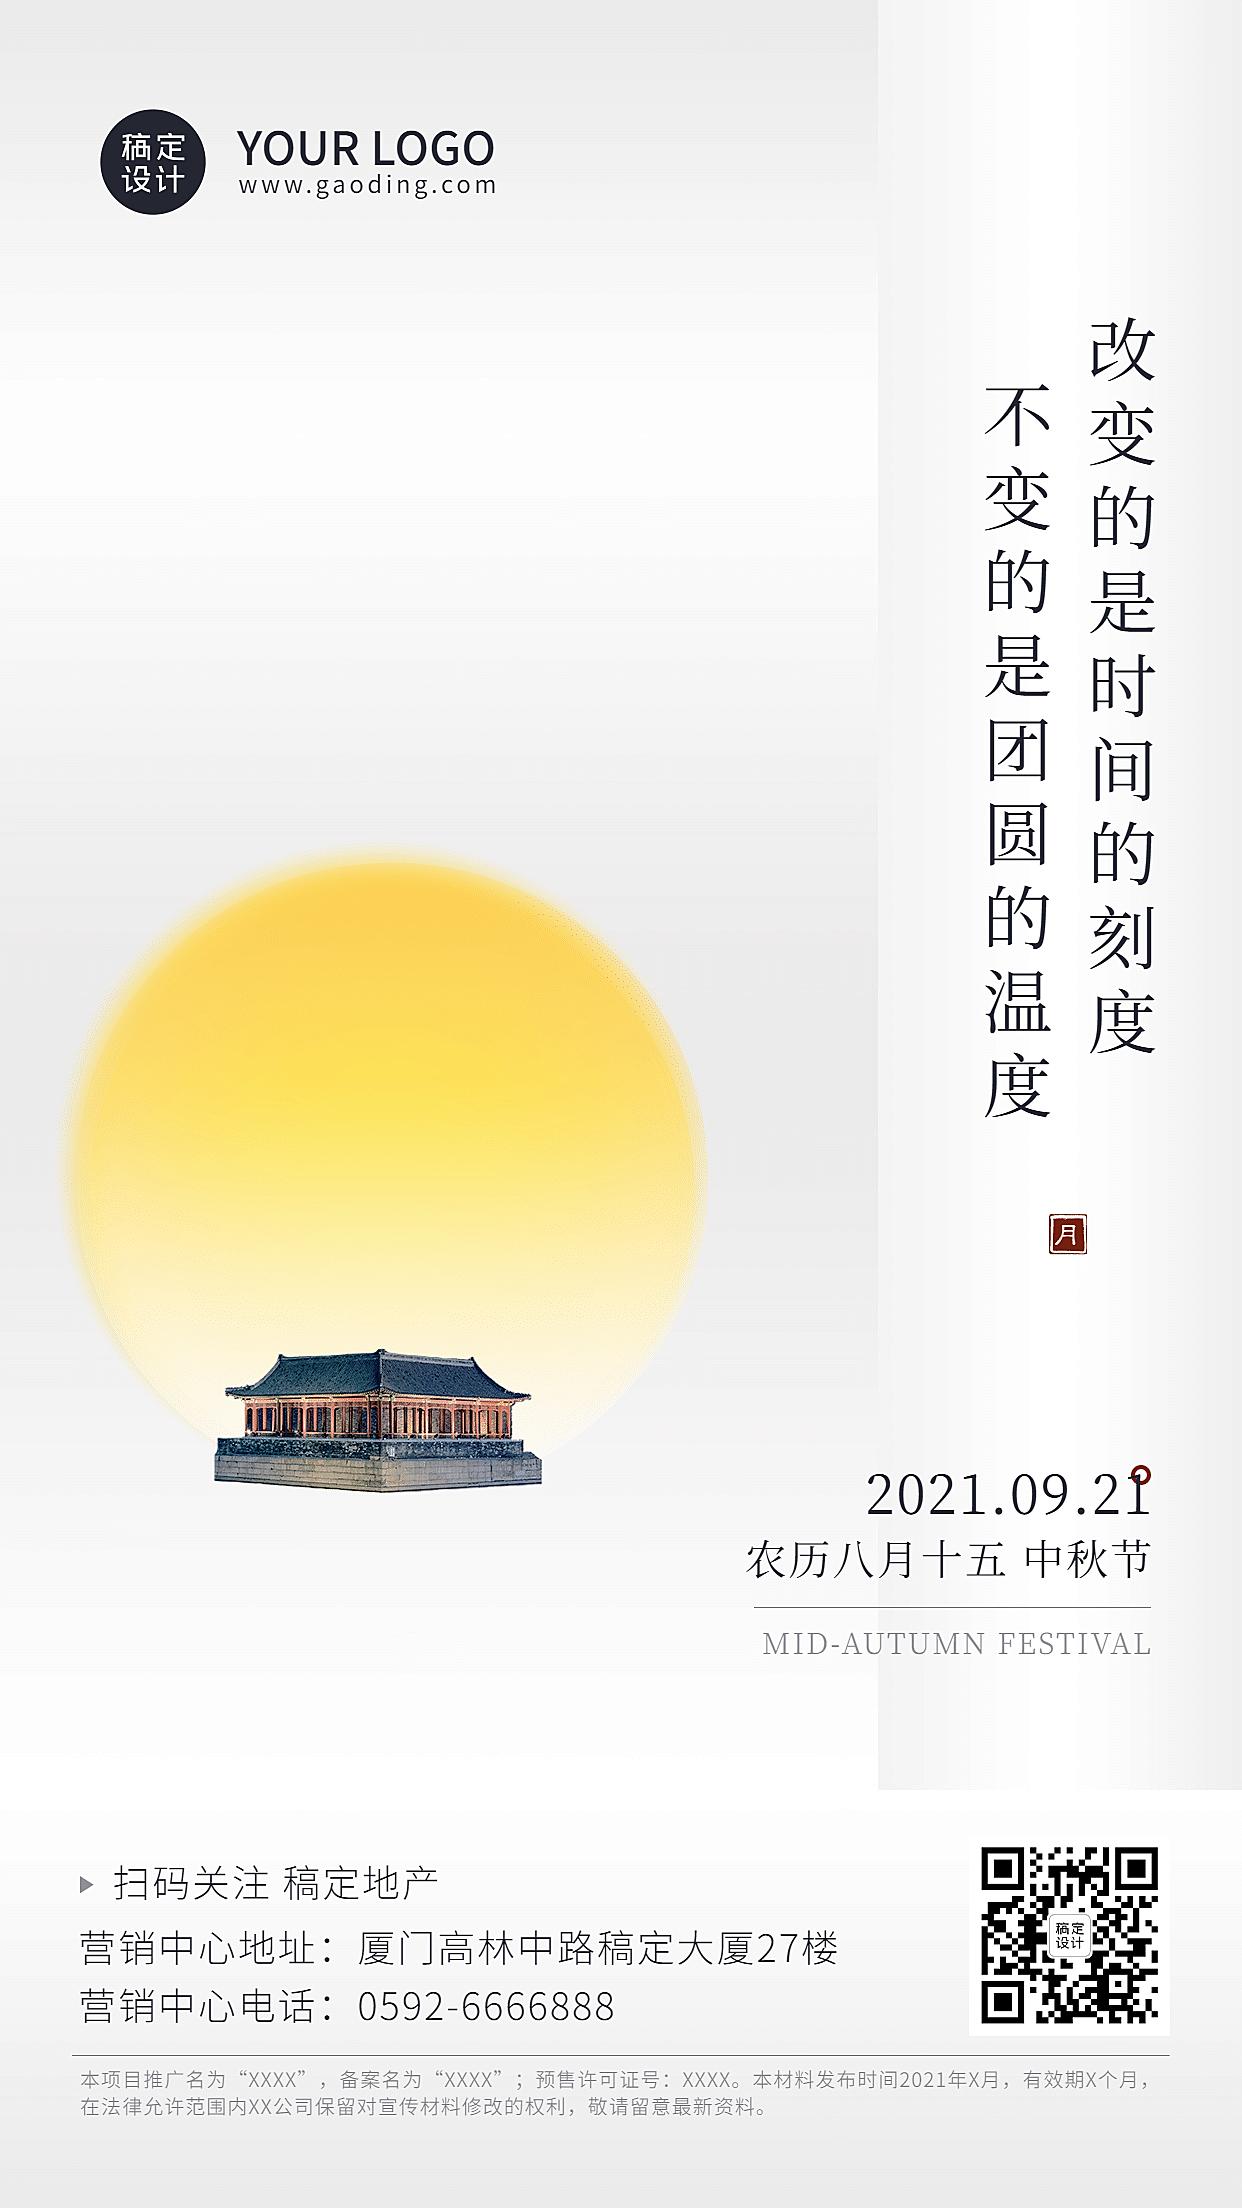 房地产中秋节古风月亮祝福营销海报